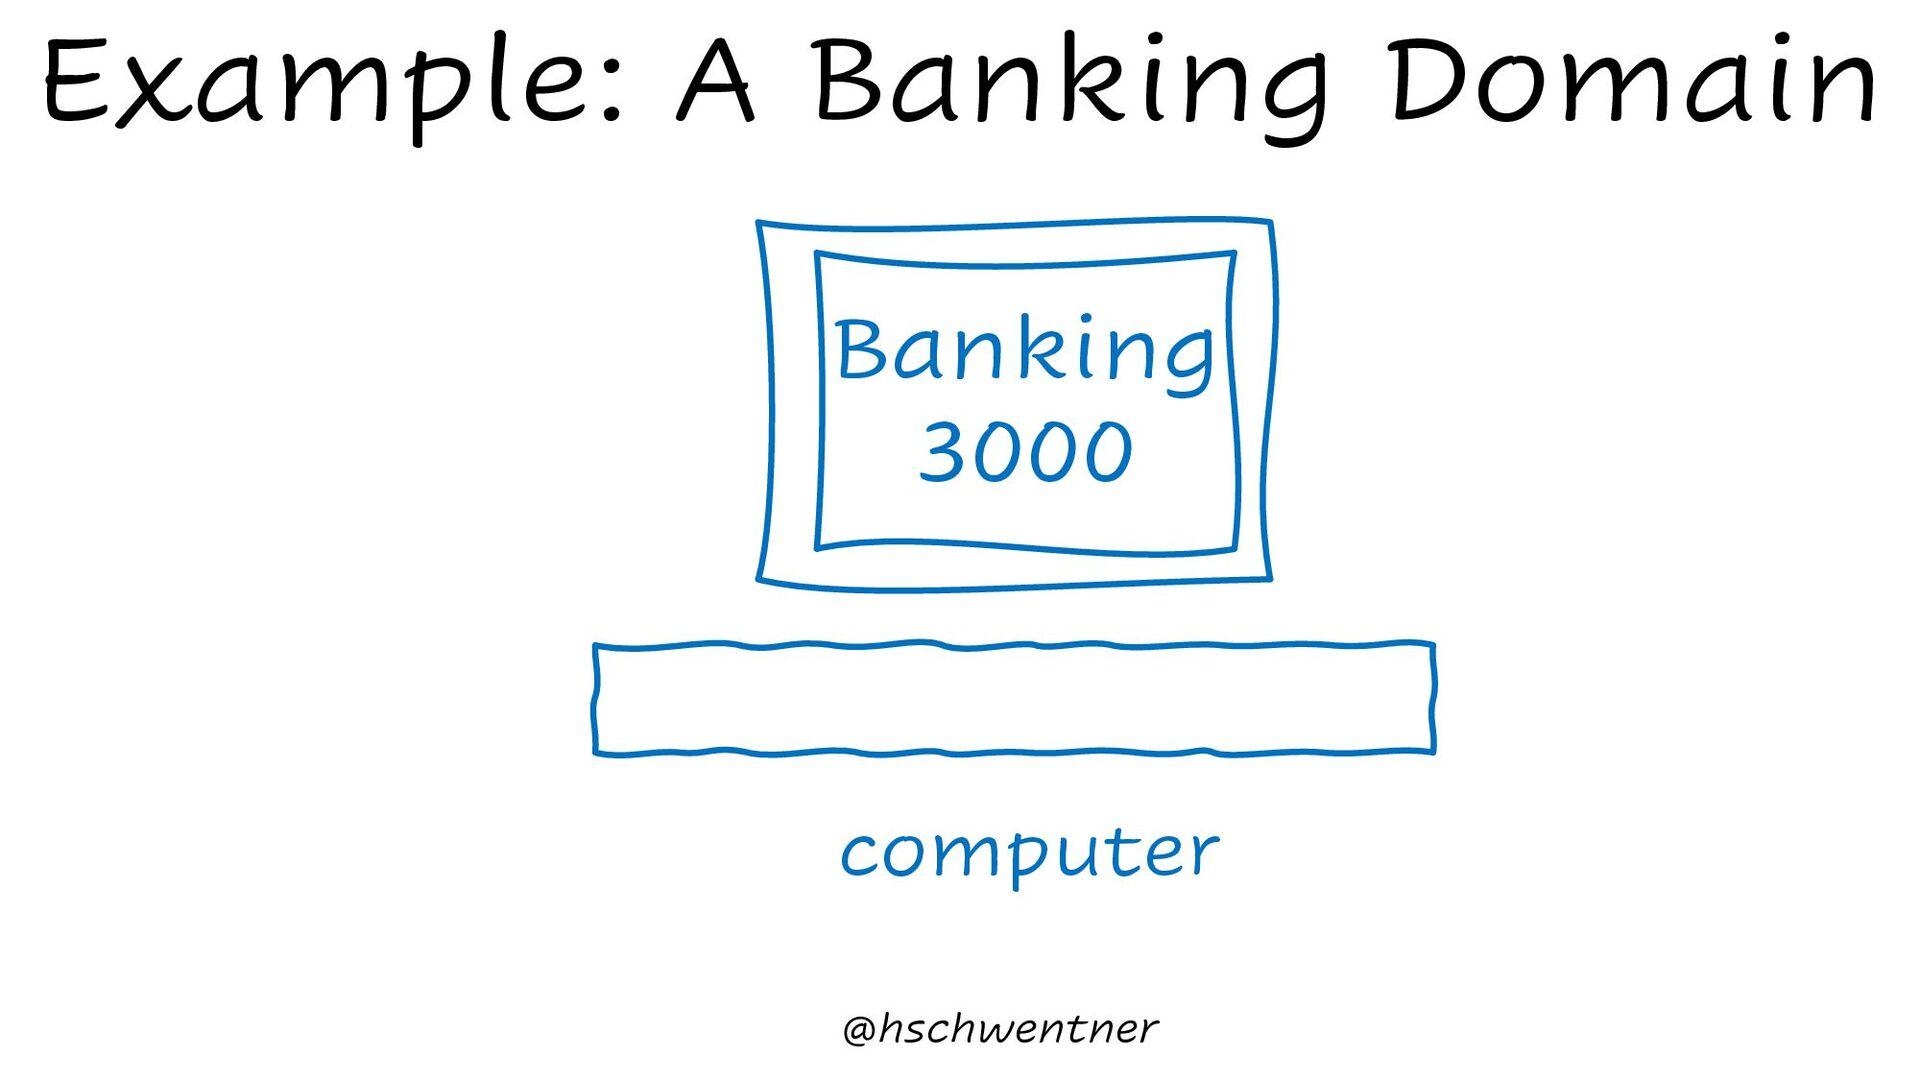 @hschwentner No Architecture Program